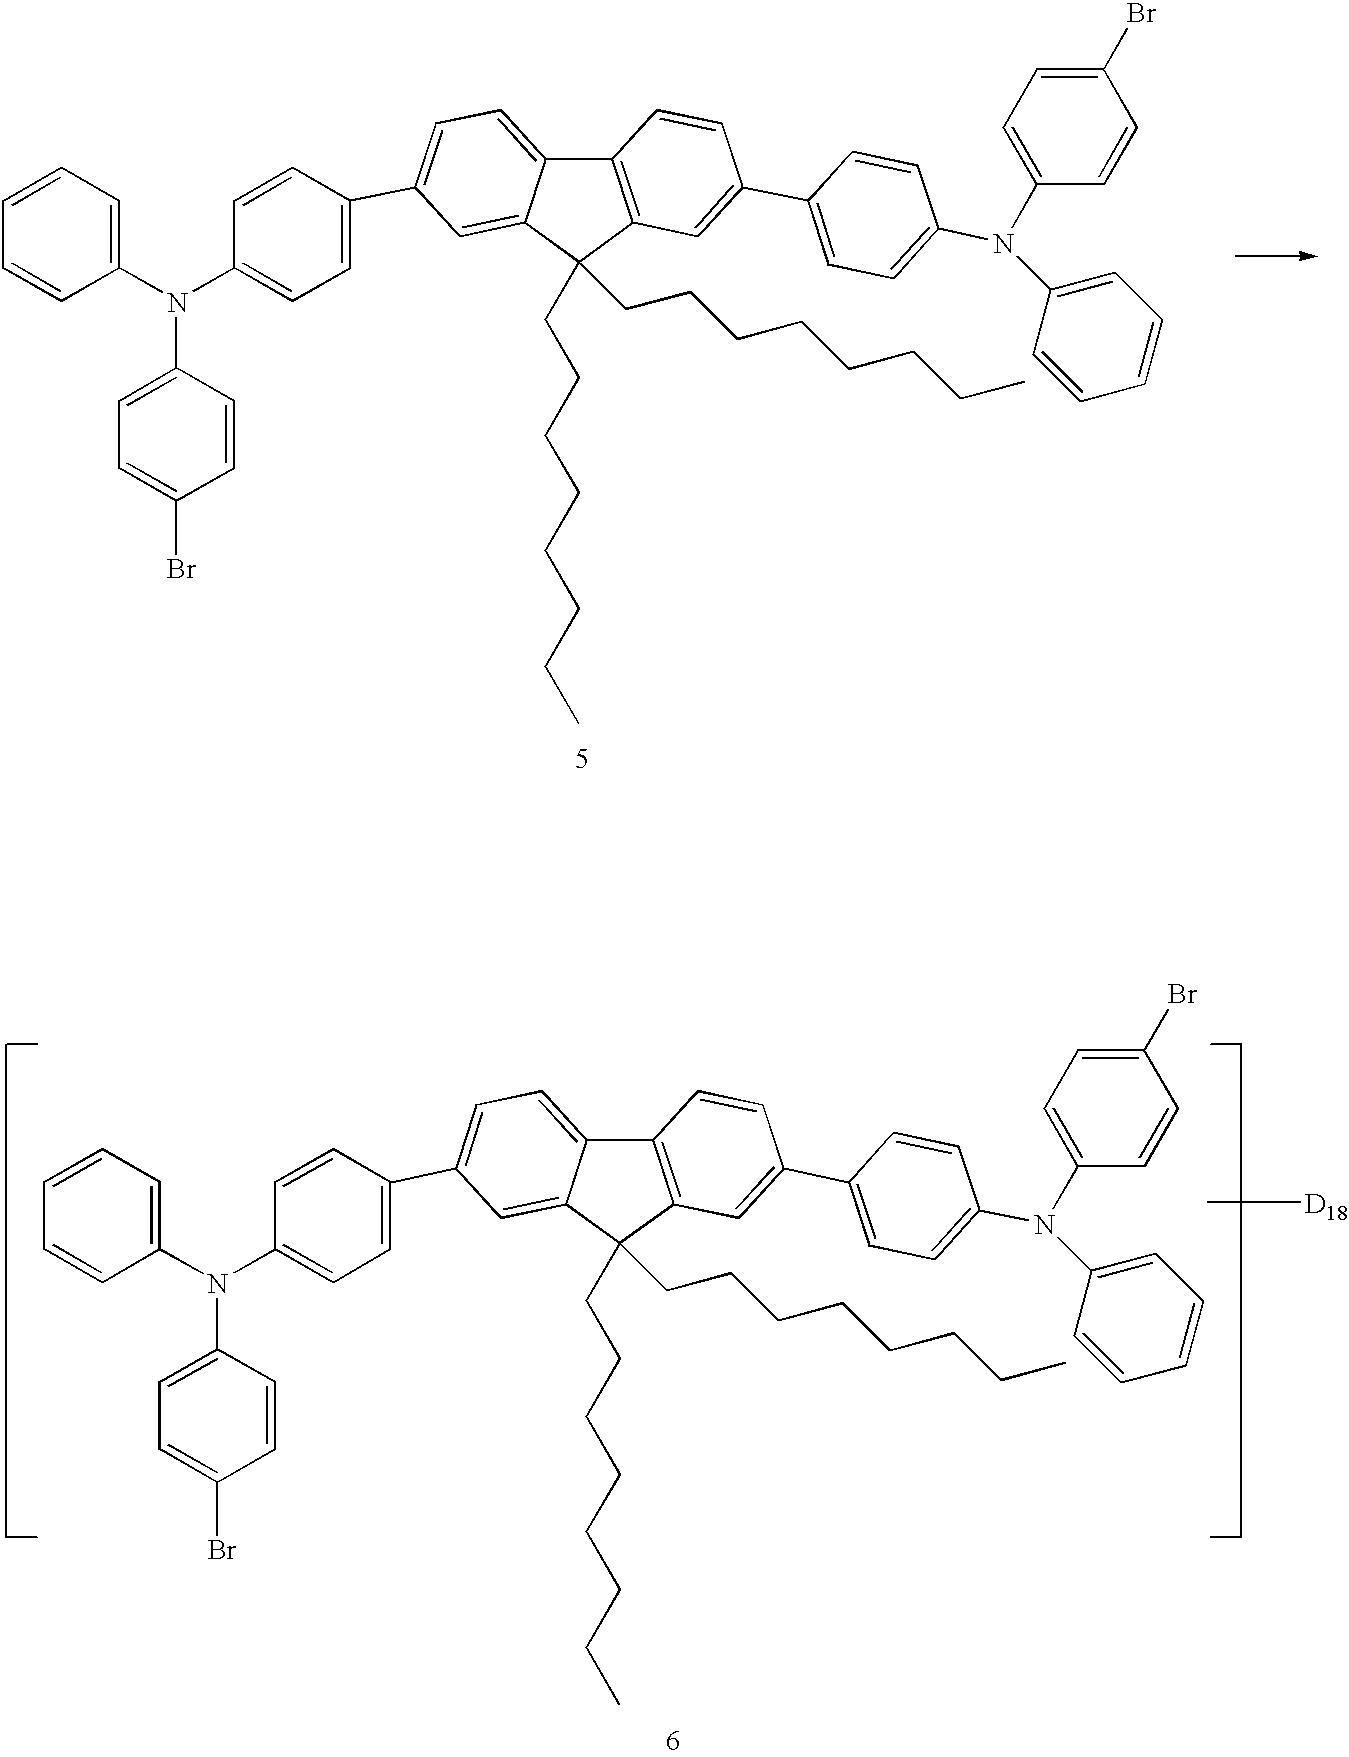 Figure US20100252819A1-20101007-C00038